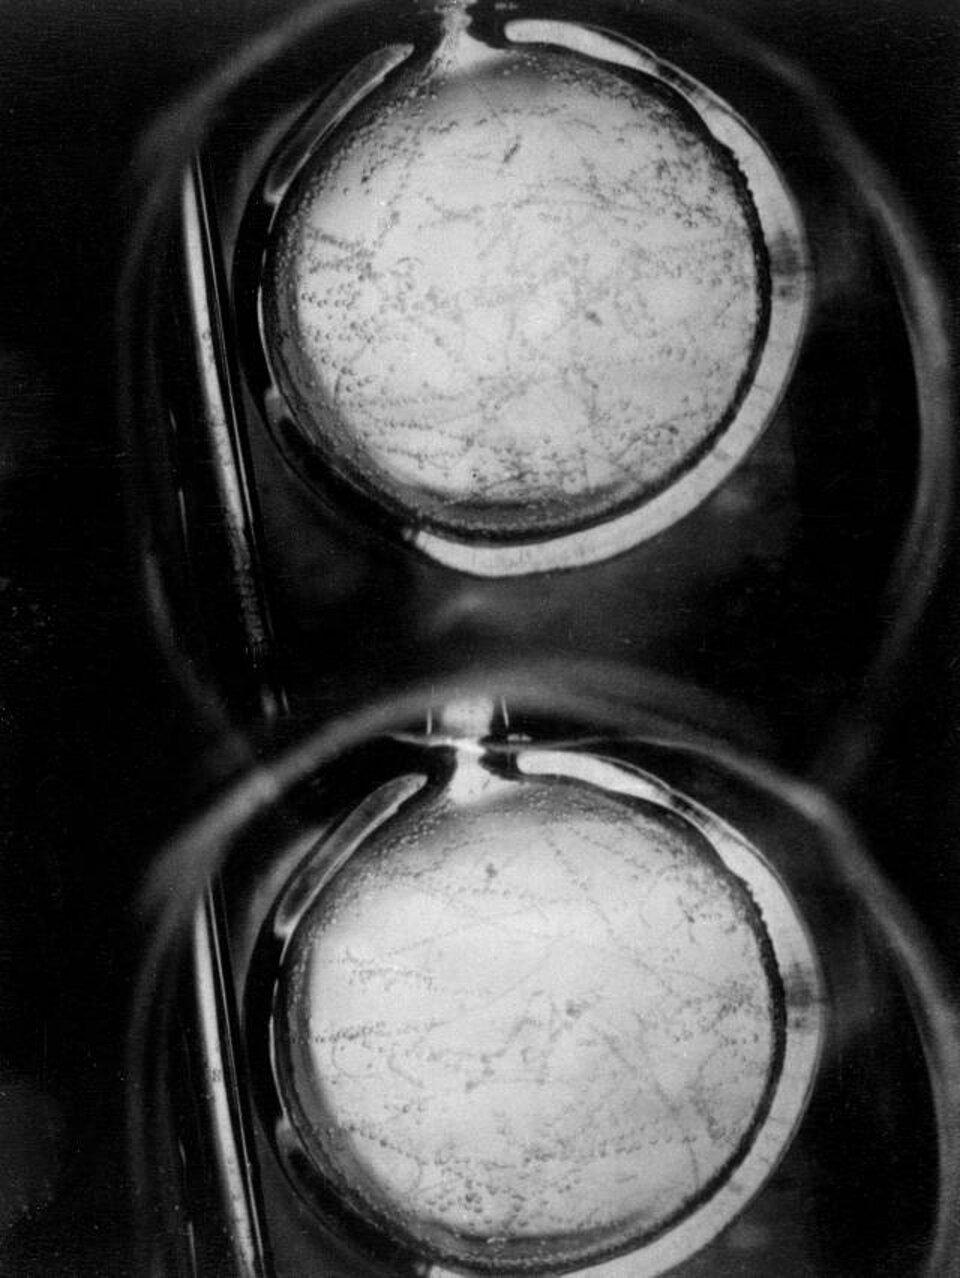 Ilustracja przedstawia komorę pęcherzykową. Ilustracja czarno-biała. Tło czarne. Komora kształtem przypomina otwarty kieszonkowy zegarek. Wnętrze obu części jest jasnoszare. Widoczne są na nich krótkie ciemne paski złożone zmałych punkcików. Paski są nieregularnie rozmieszczone na całej powierzchni obu części.